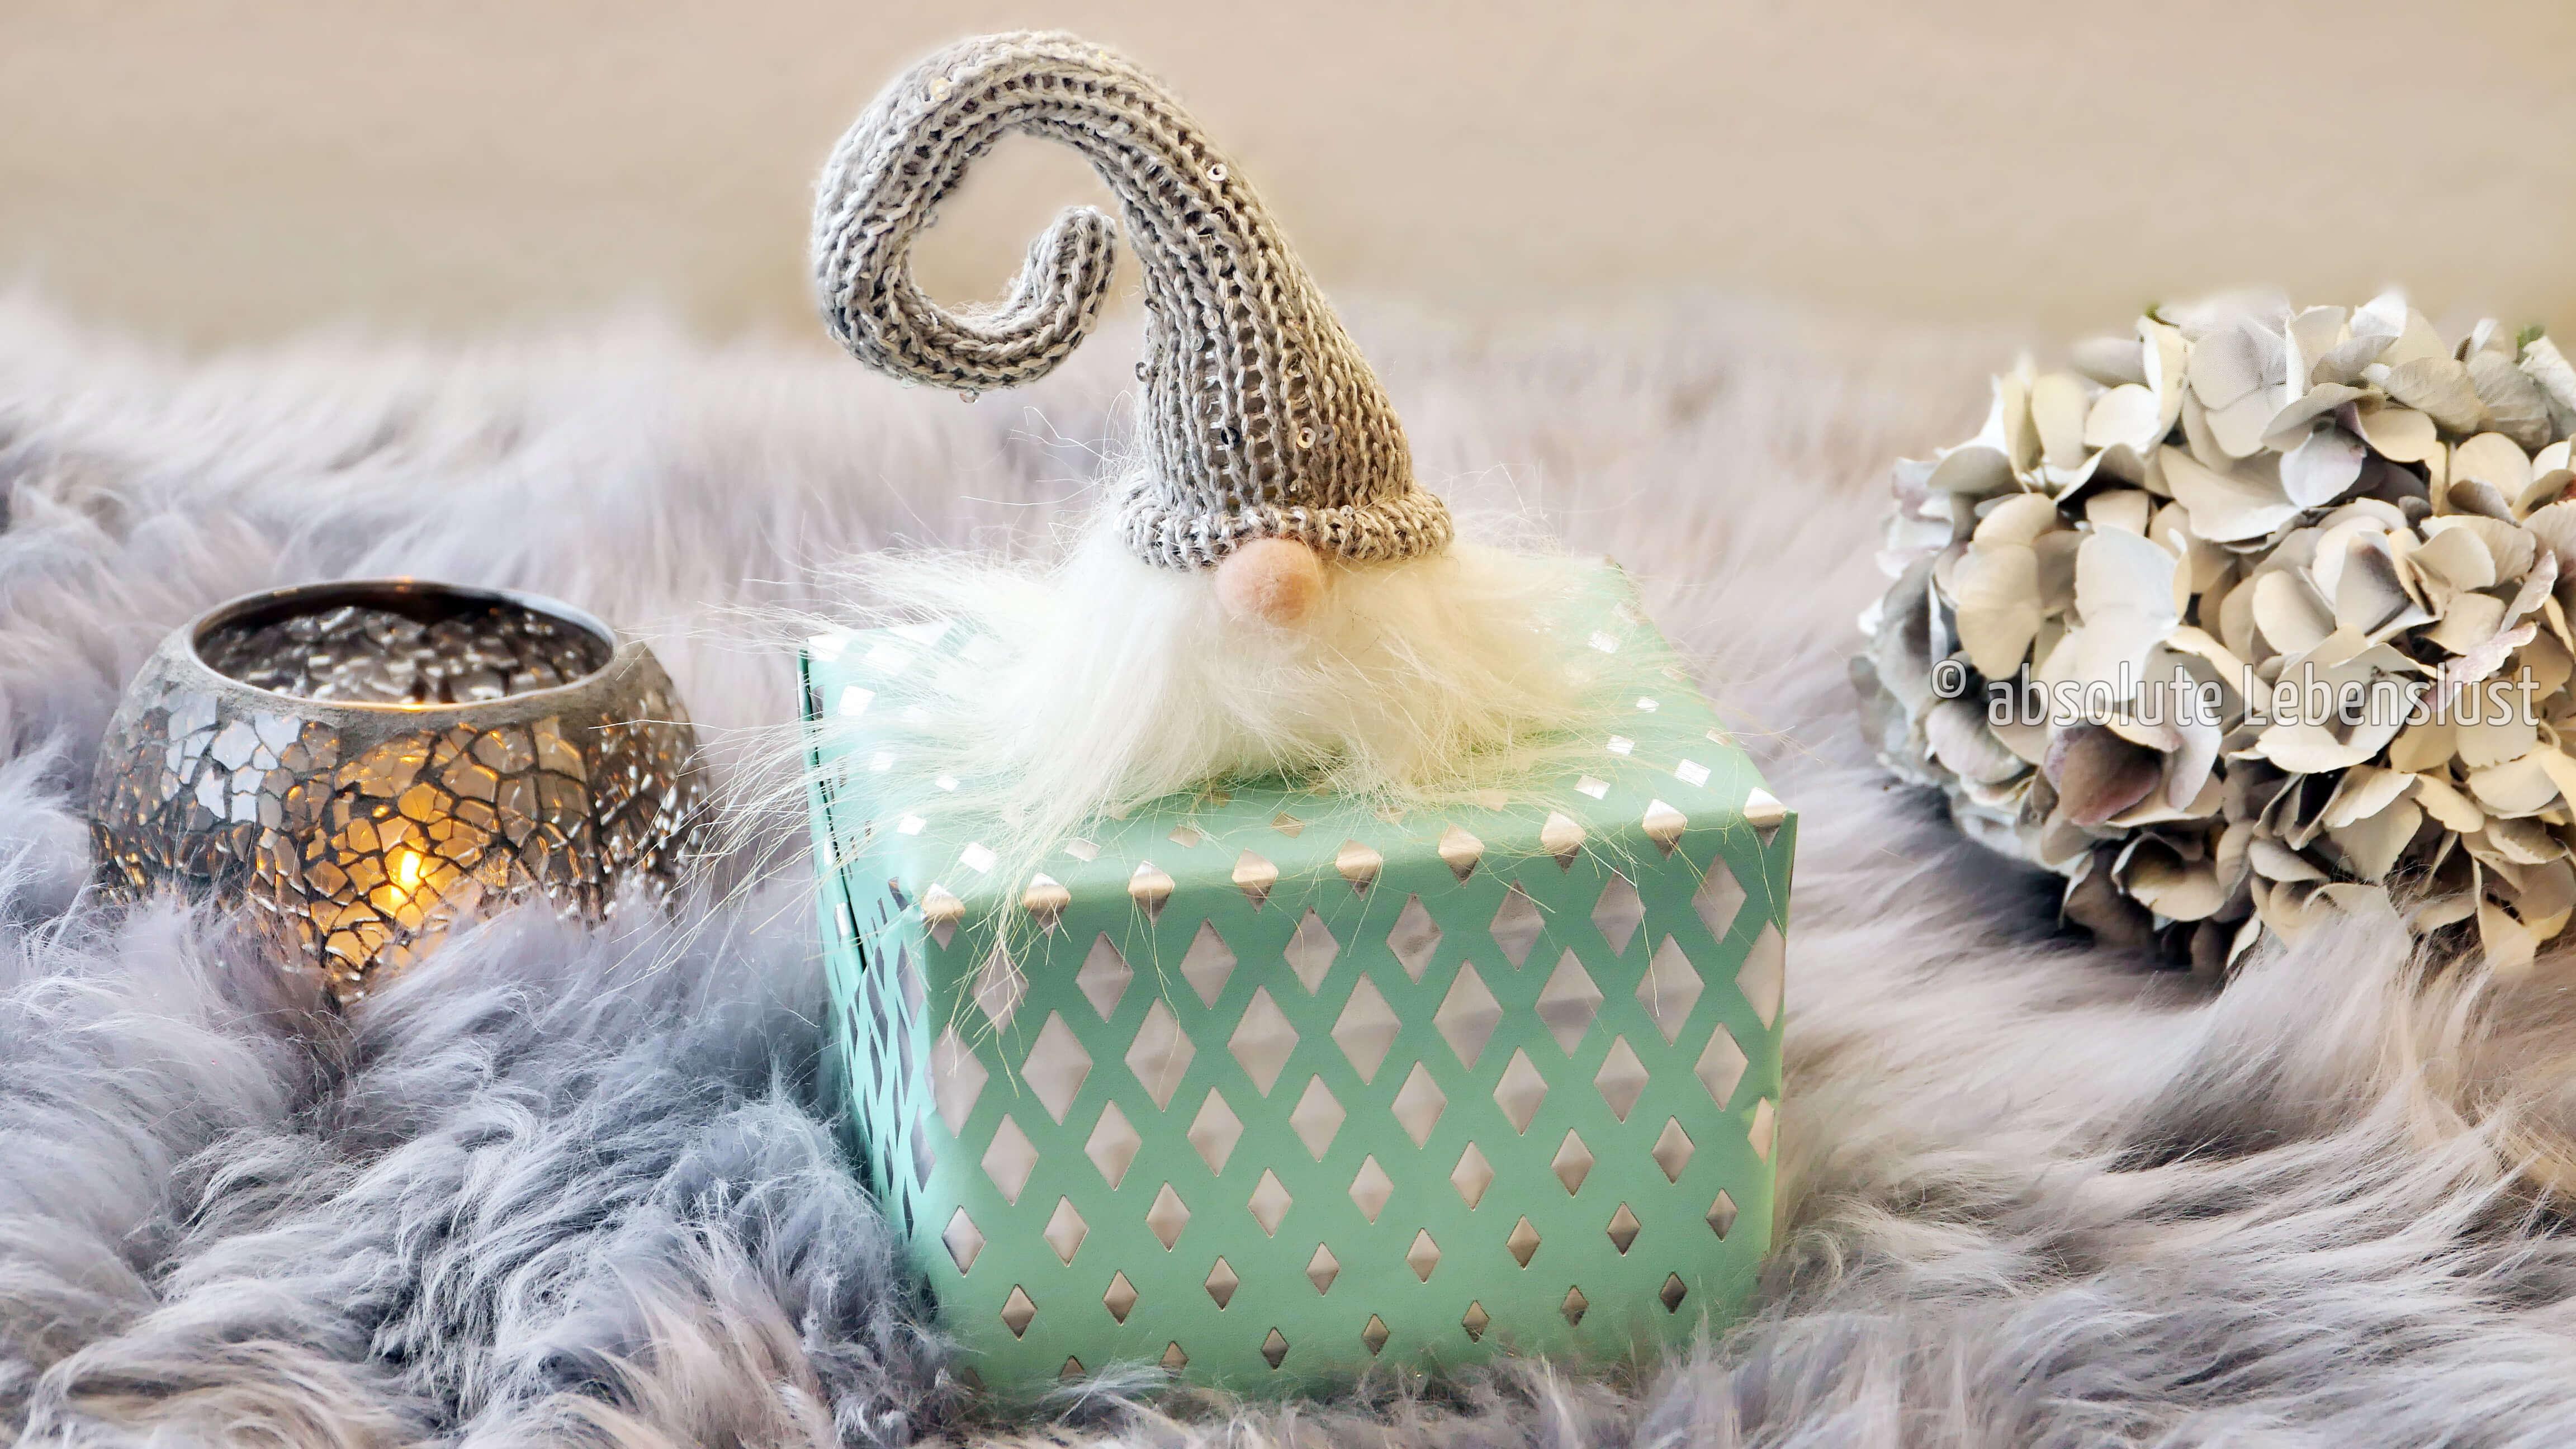 geschenkideen, für, mama, papa, oma, opa, freund, freundin, jungs, mädchen, geschenk ideen